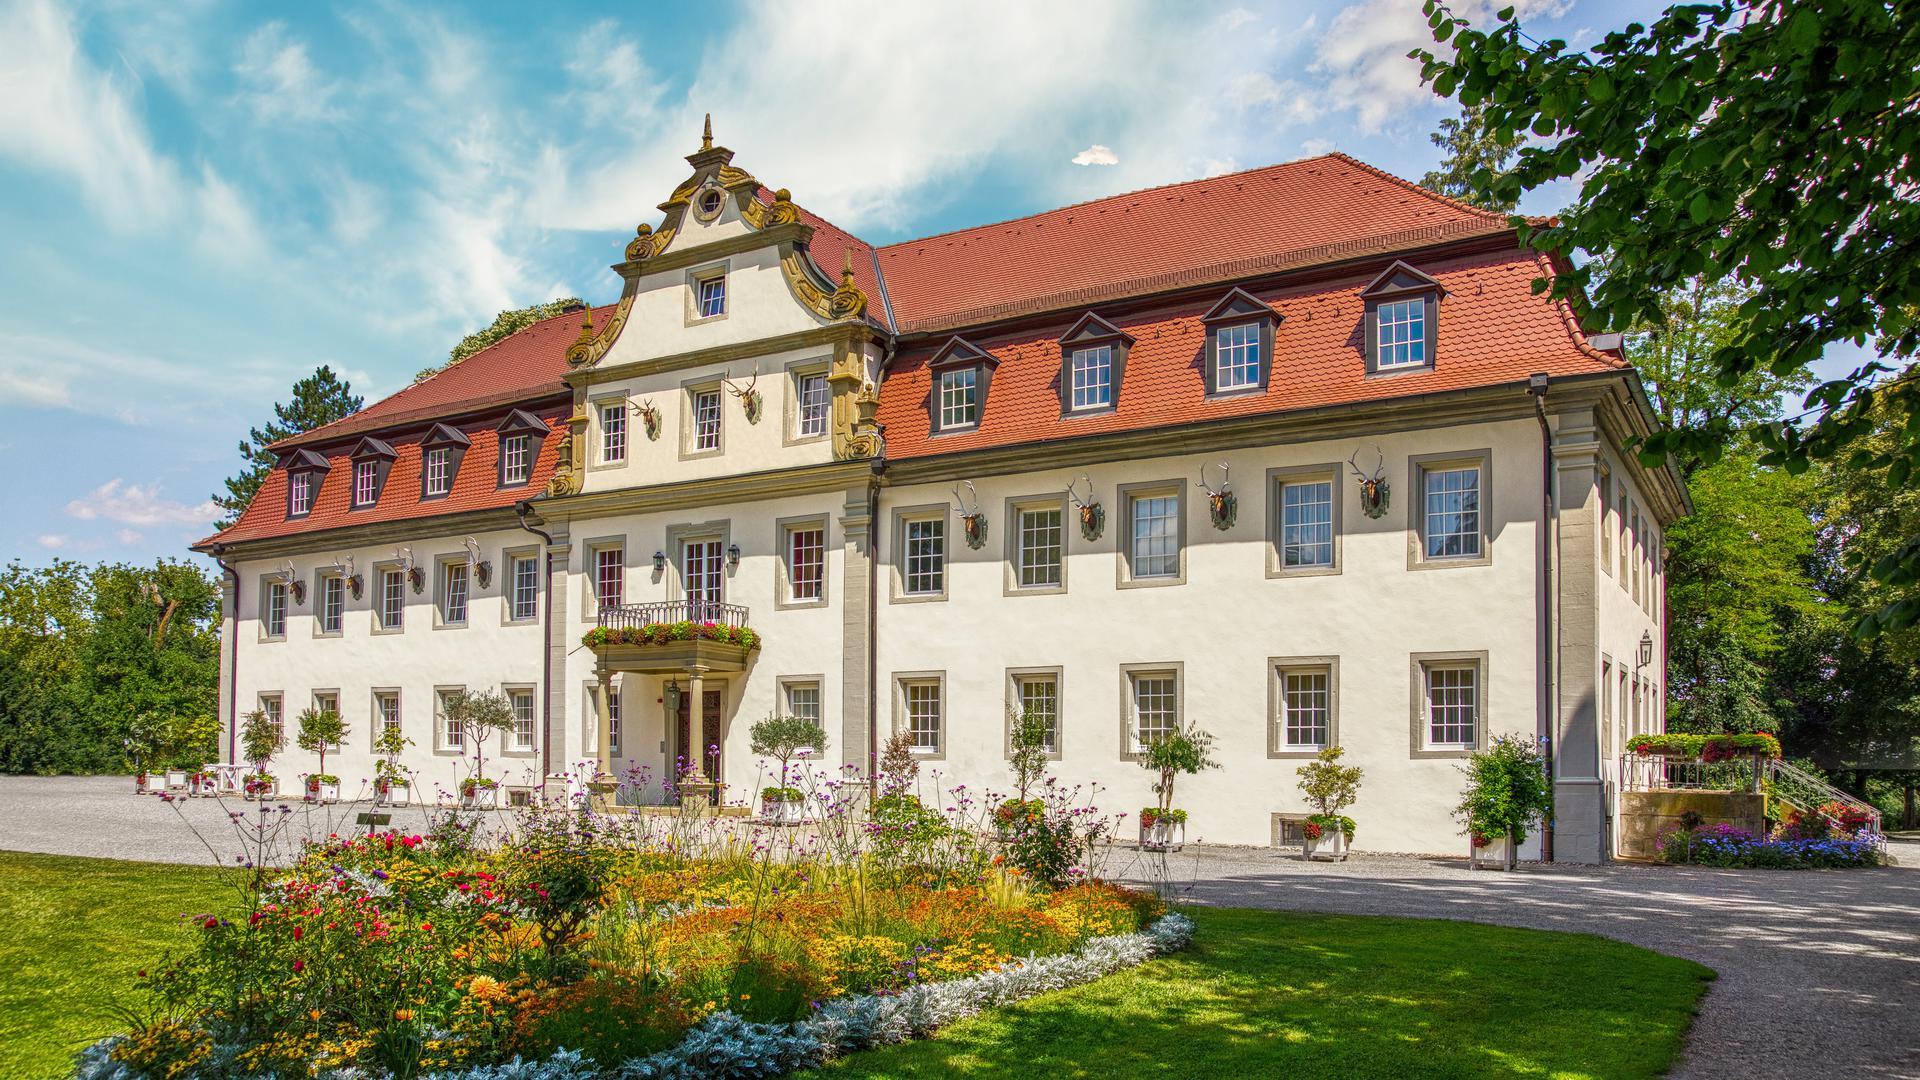 Der Hauptgewinn: eine Übernachtung im Wald & Schlosshotel Friedrichsruhe.